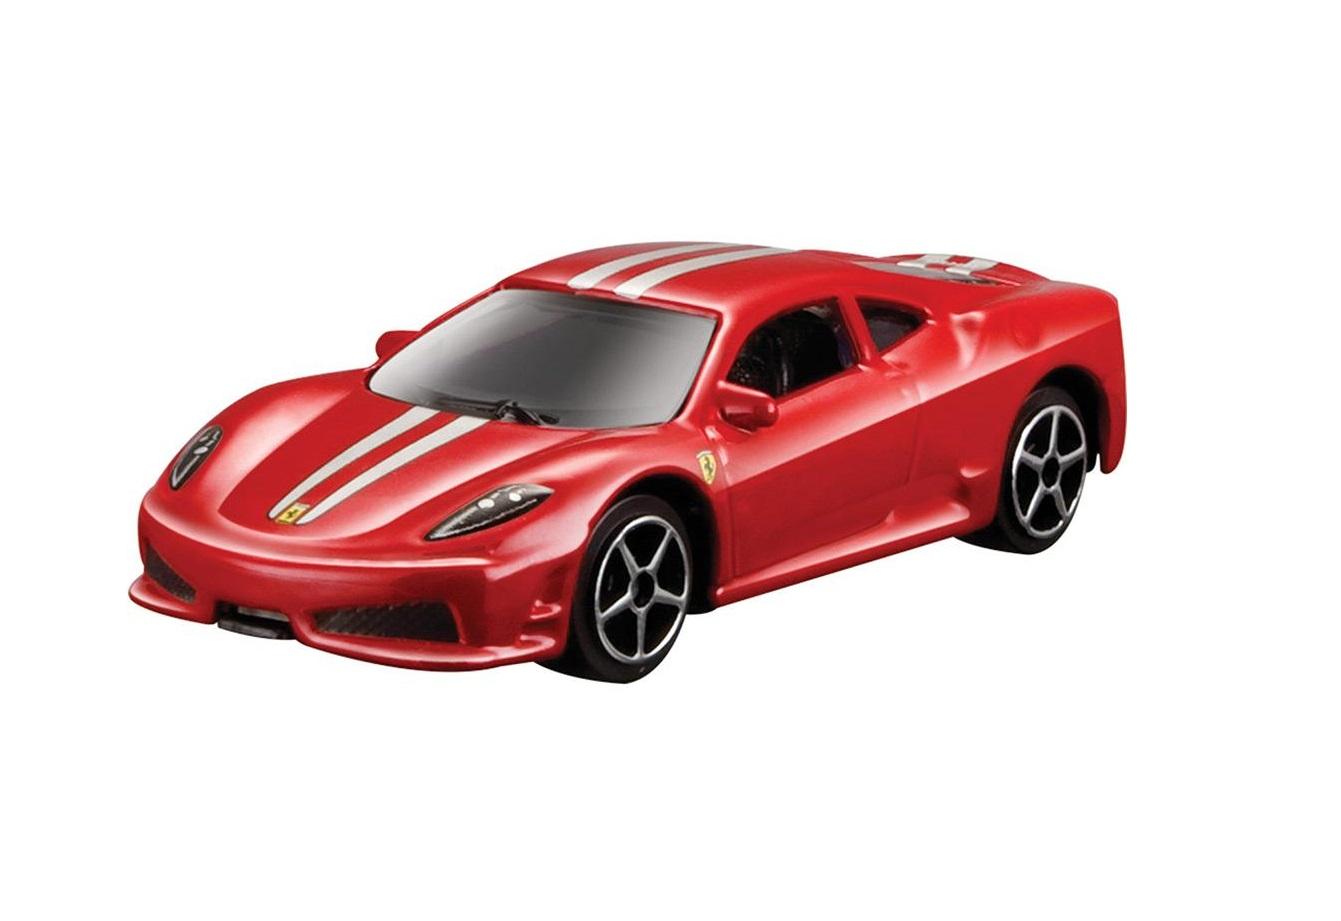 Ferrari 430 Scuderia Burago Race & Play escala 1/64